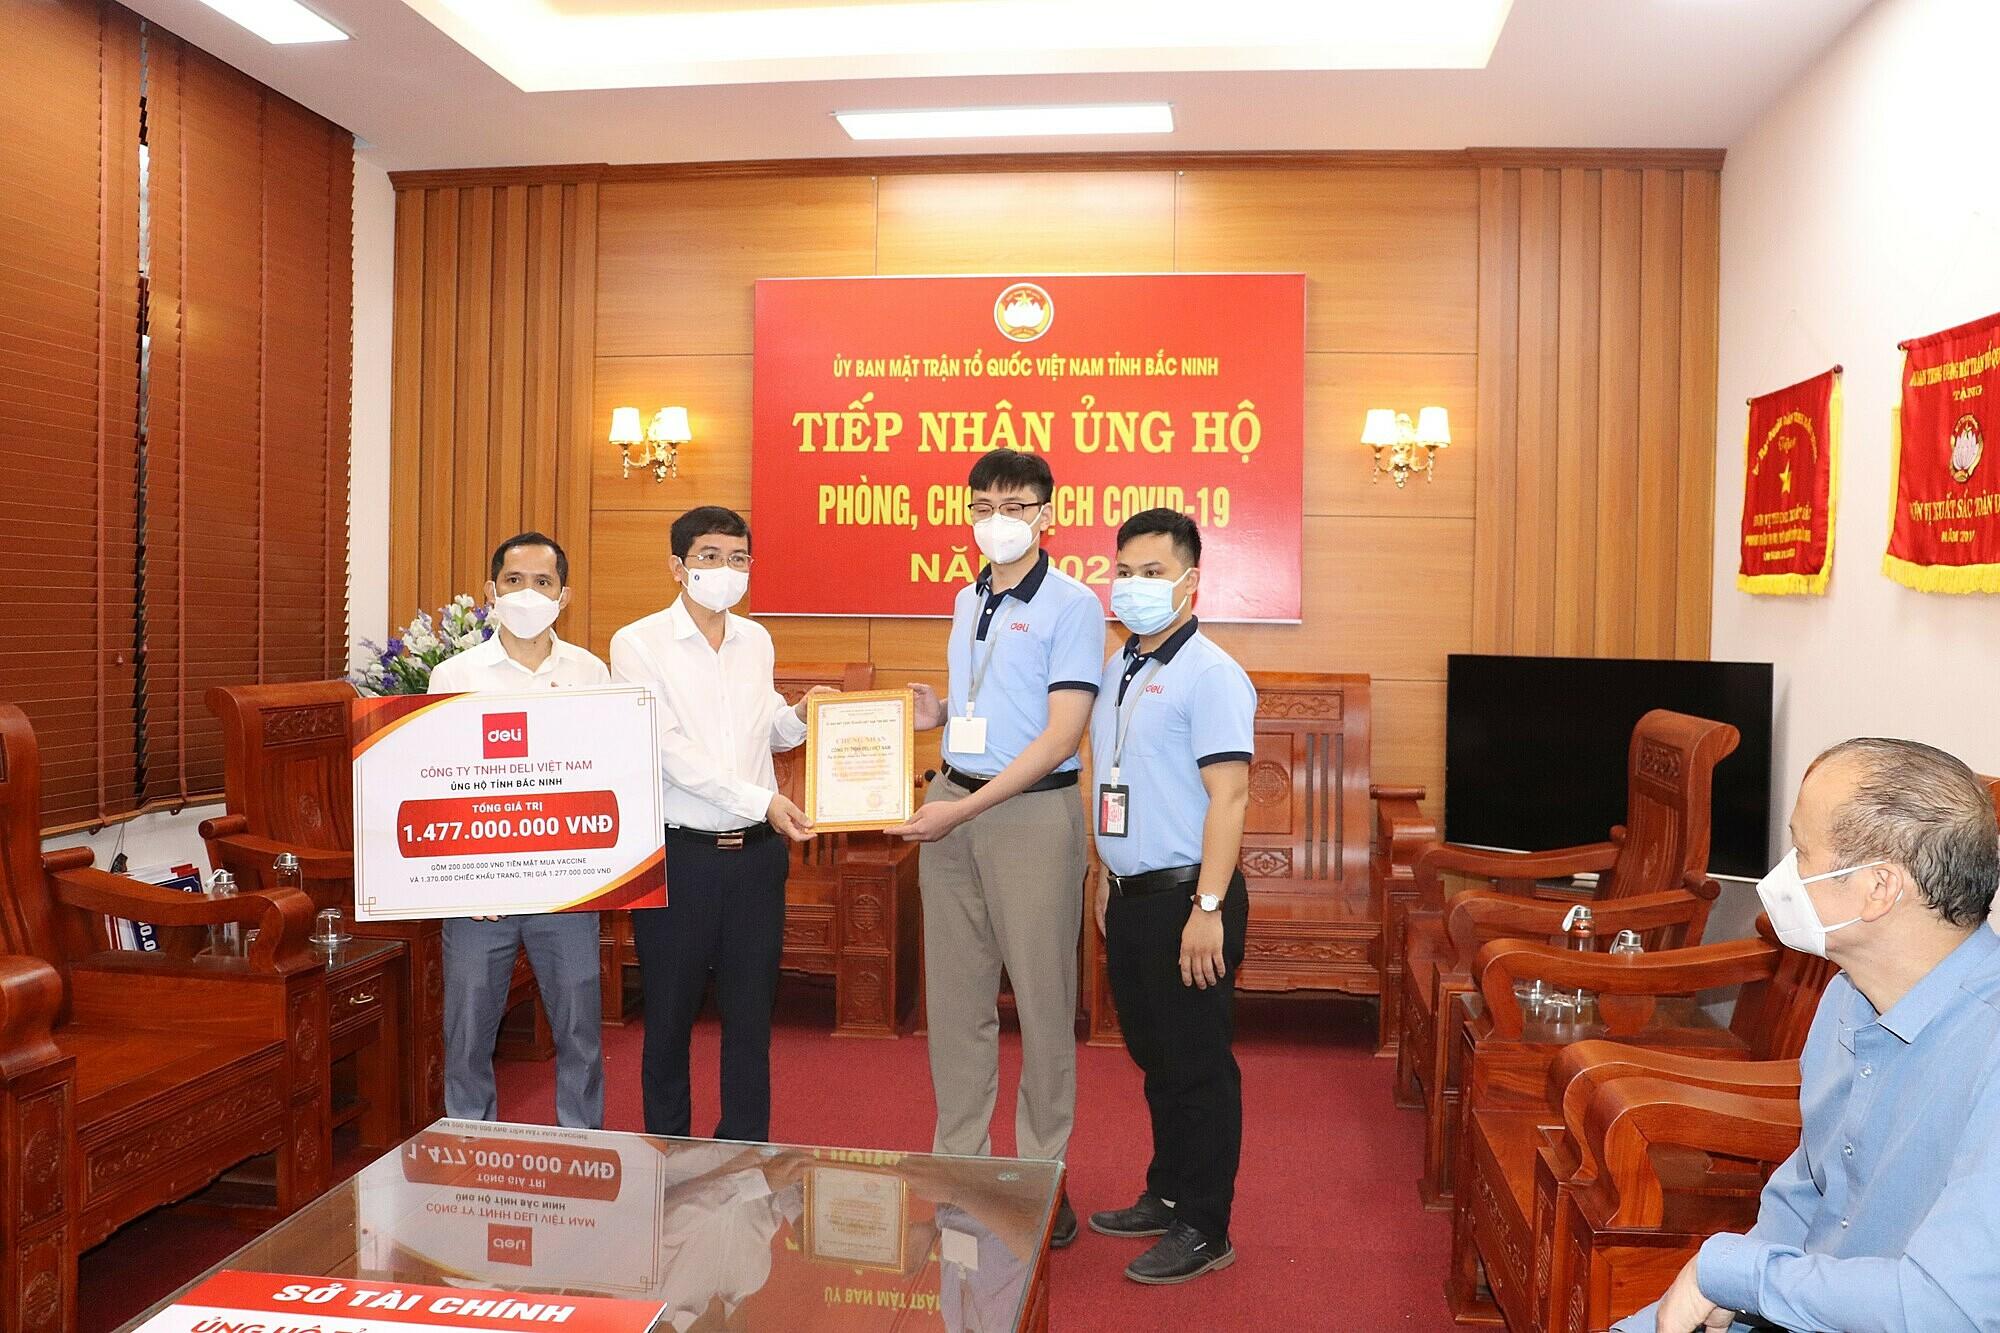 Đại diện Deli Việt Nam trao tặng tiền ủng hộ và khẩu trang tới quỹ phòng chống Covid của Uỷ ban MTTQVN tỉnh Bắc Ninh